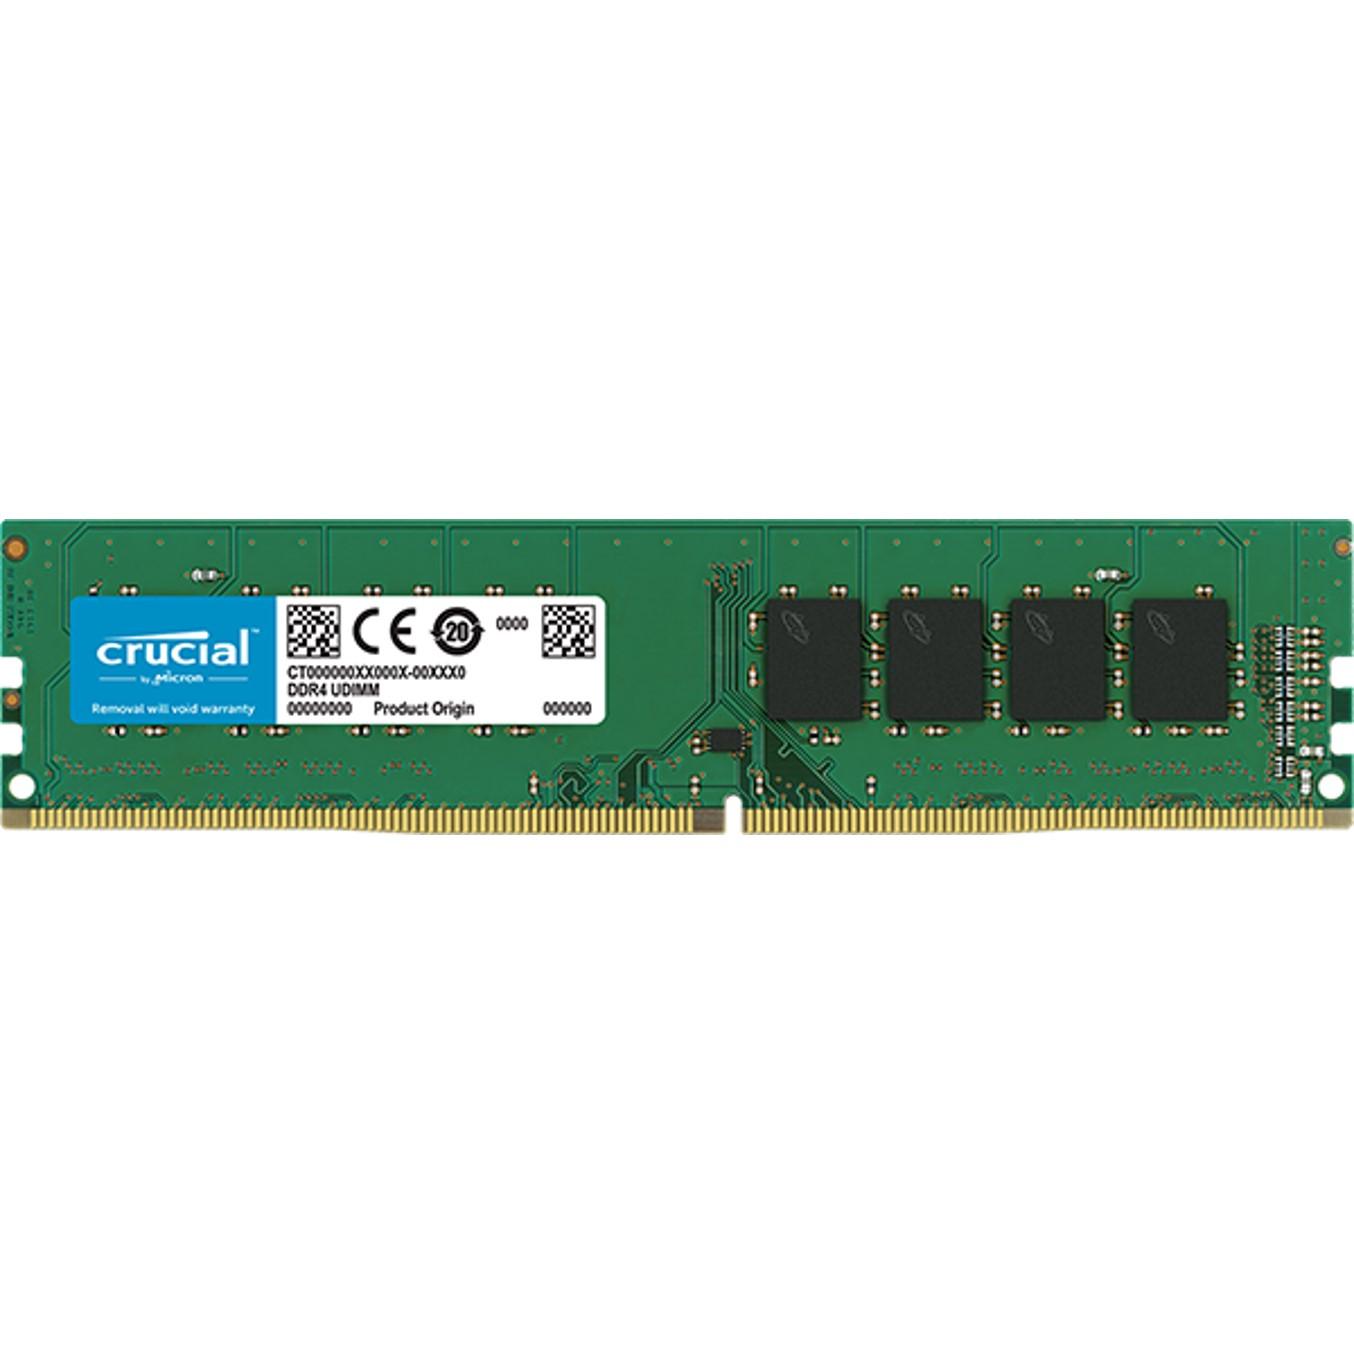 MEMORIA DDR4 16GB CRUCIAL   UDIMM   2400 MHZ   PC4